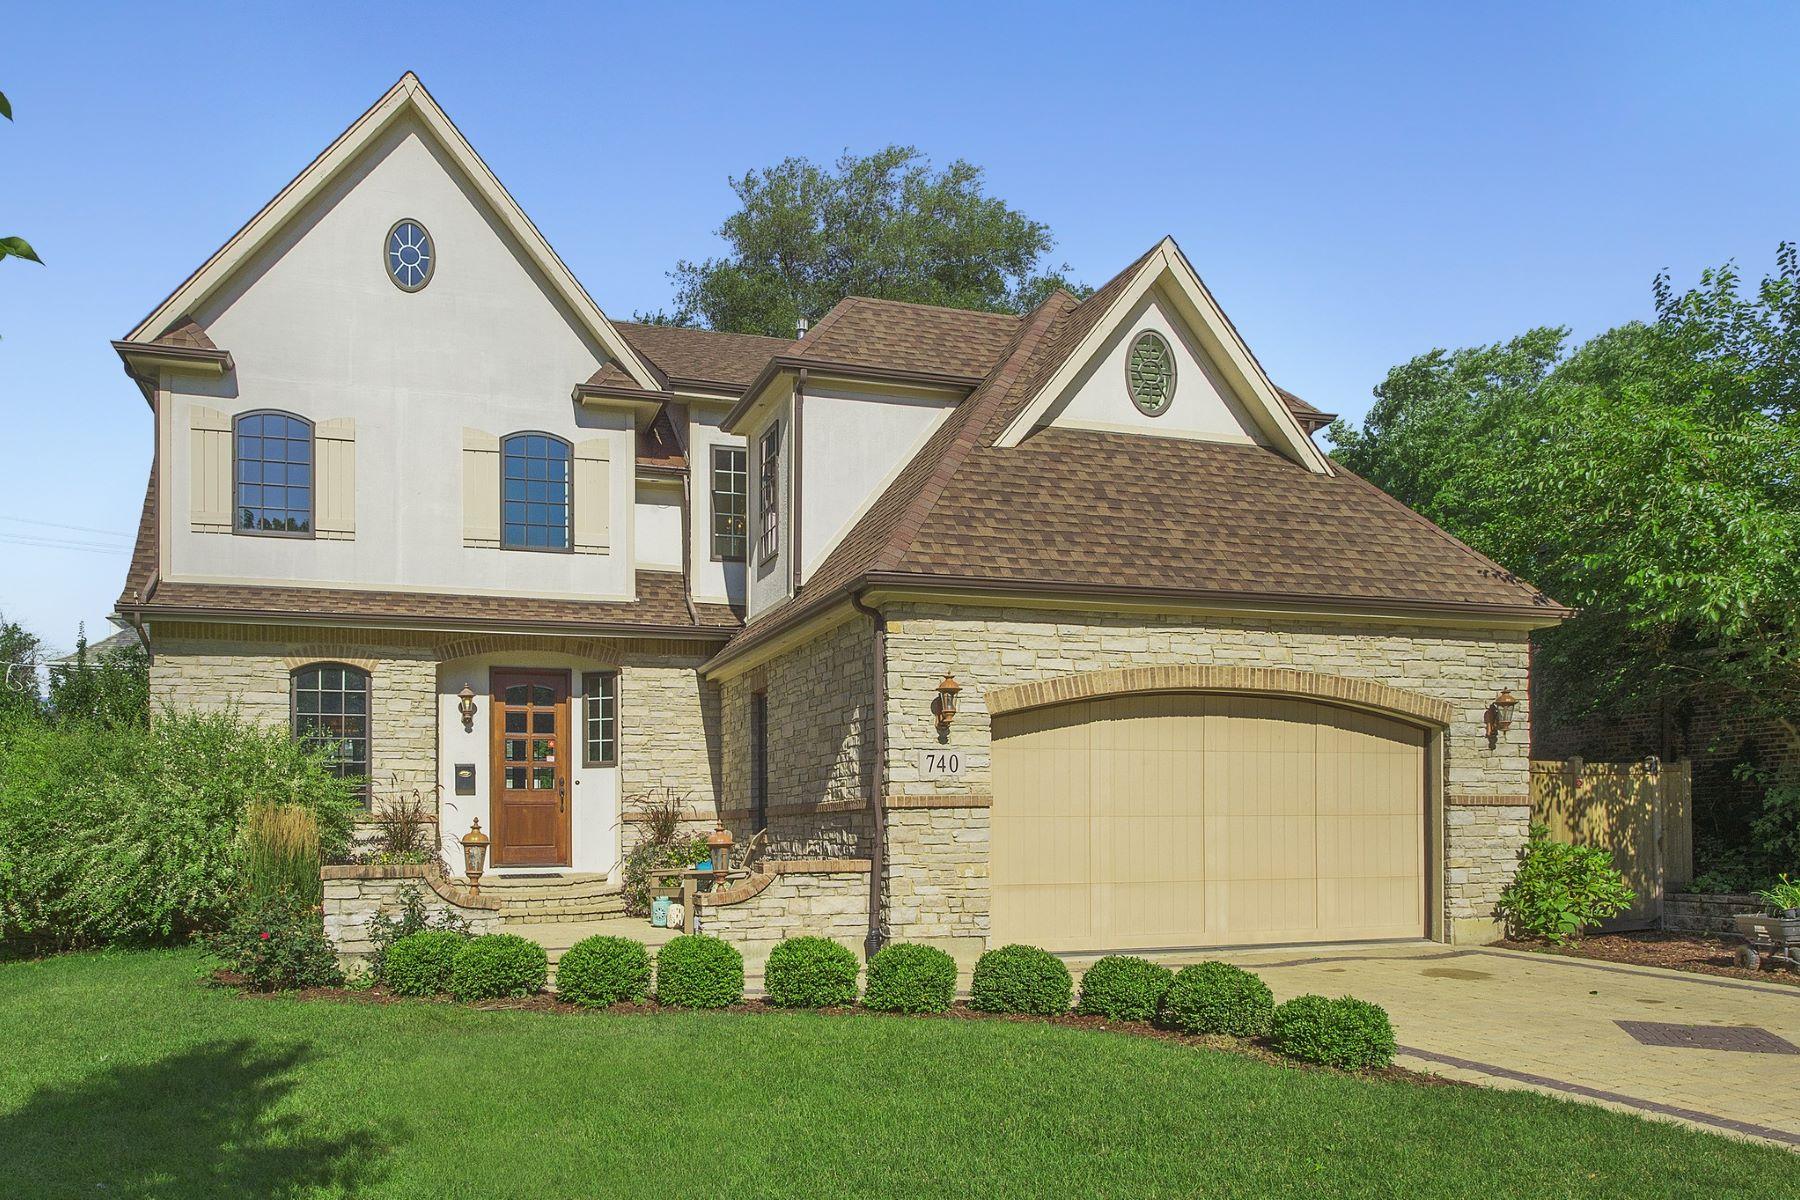 Nhà ở một gia đình vì Bán tại 740 Phillippa Street 740 Phillippa St. Hinsdale, Illinois, 60521 Hoa Kỳ